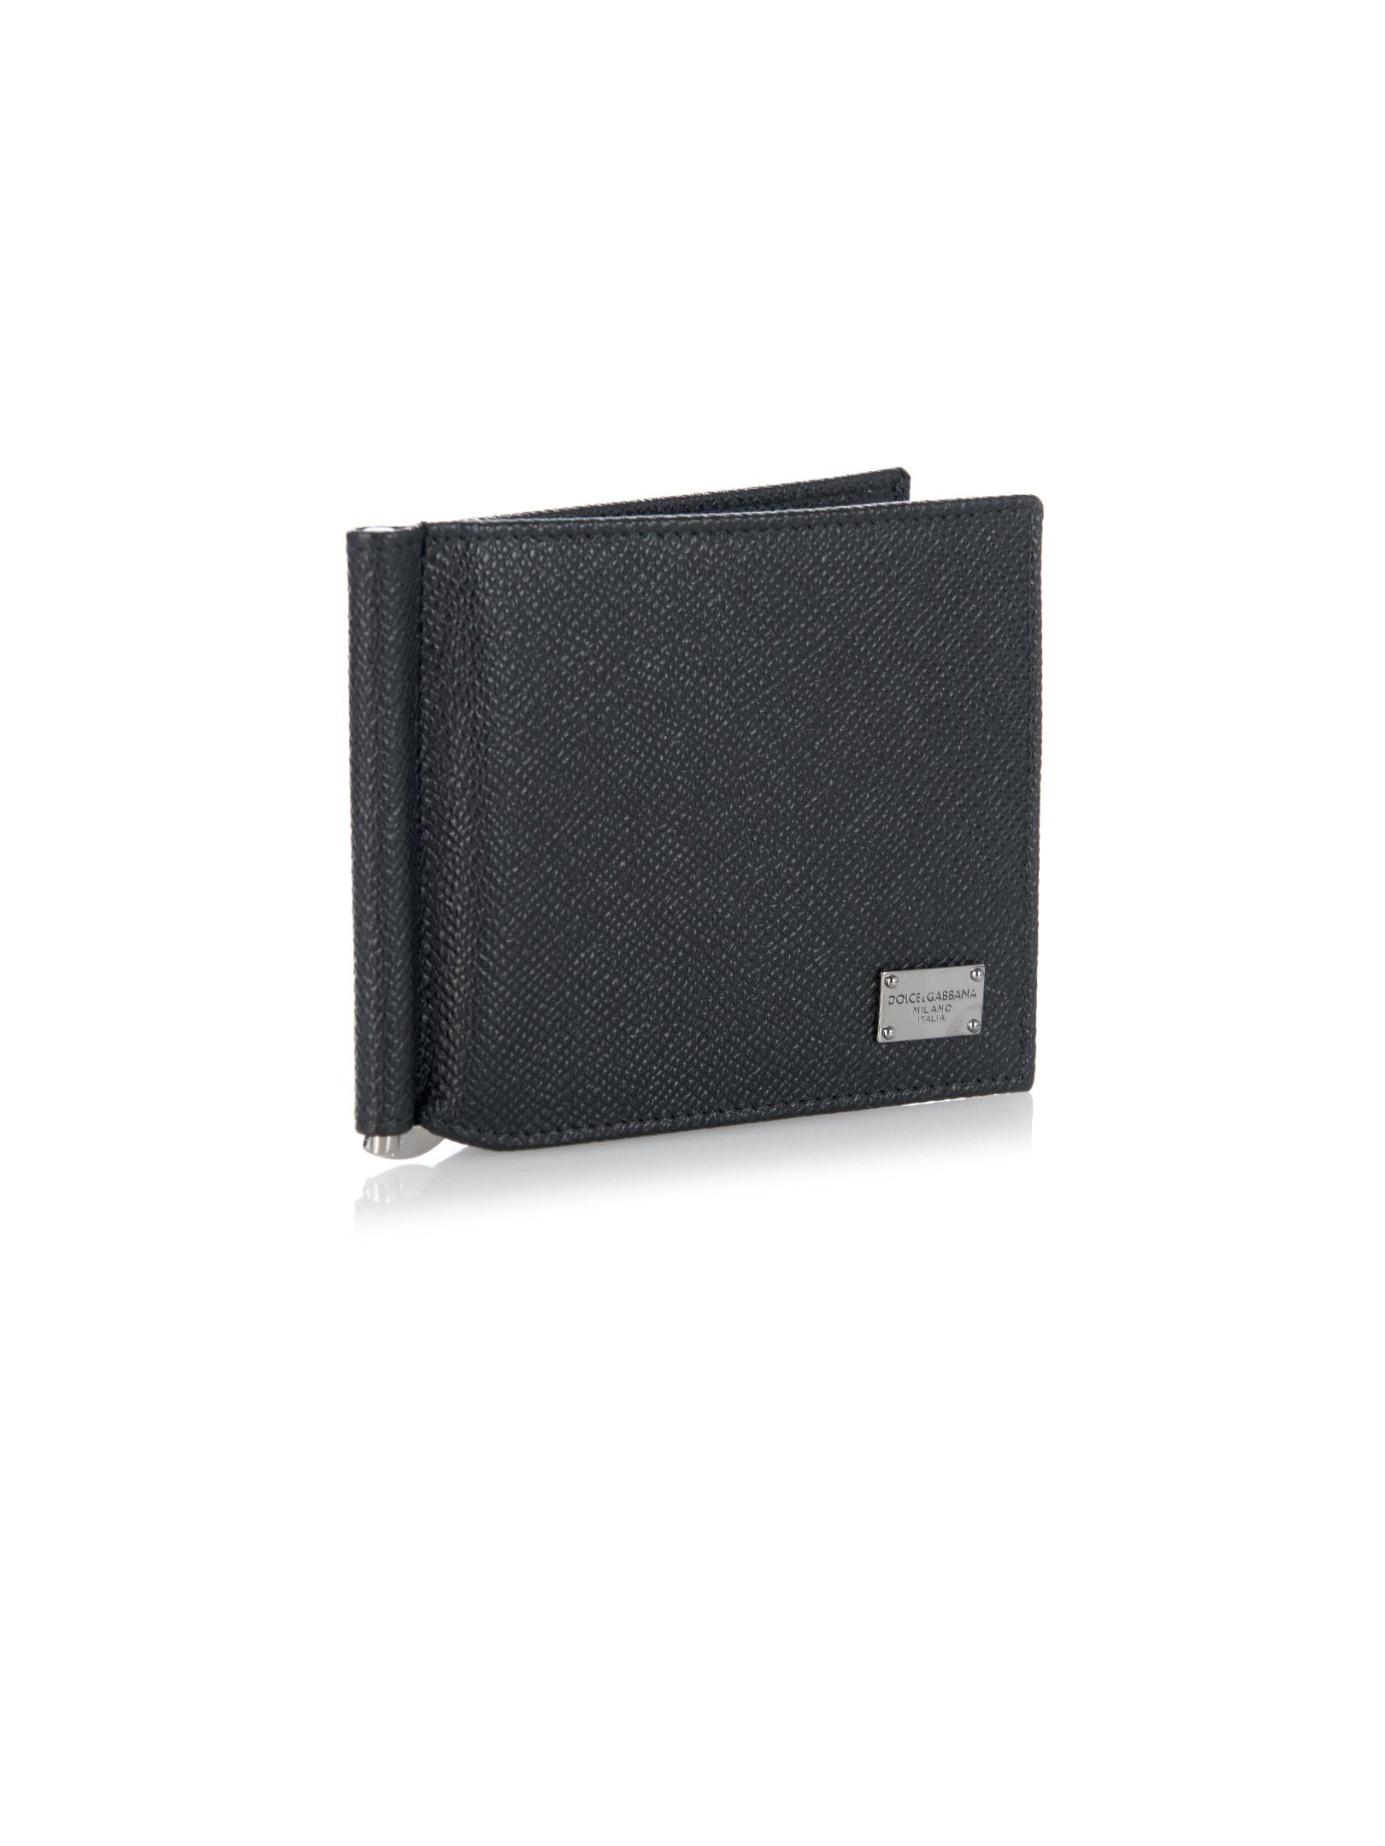 Dolce & Gabbana Black Diamante Logo Leather Card Holder OaV5kR